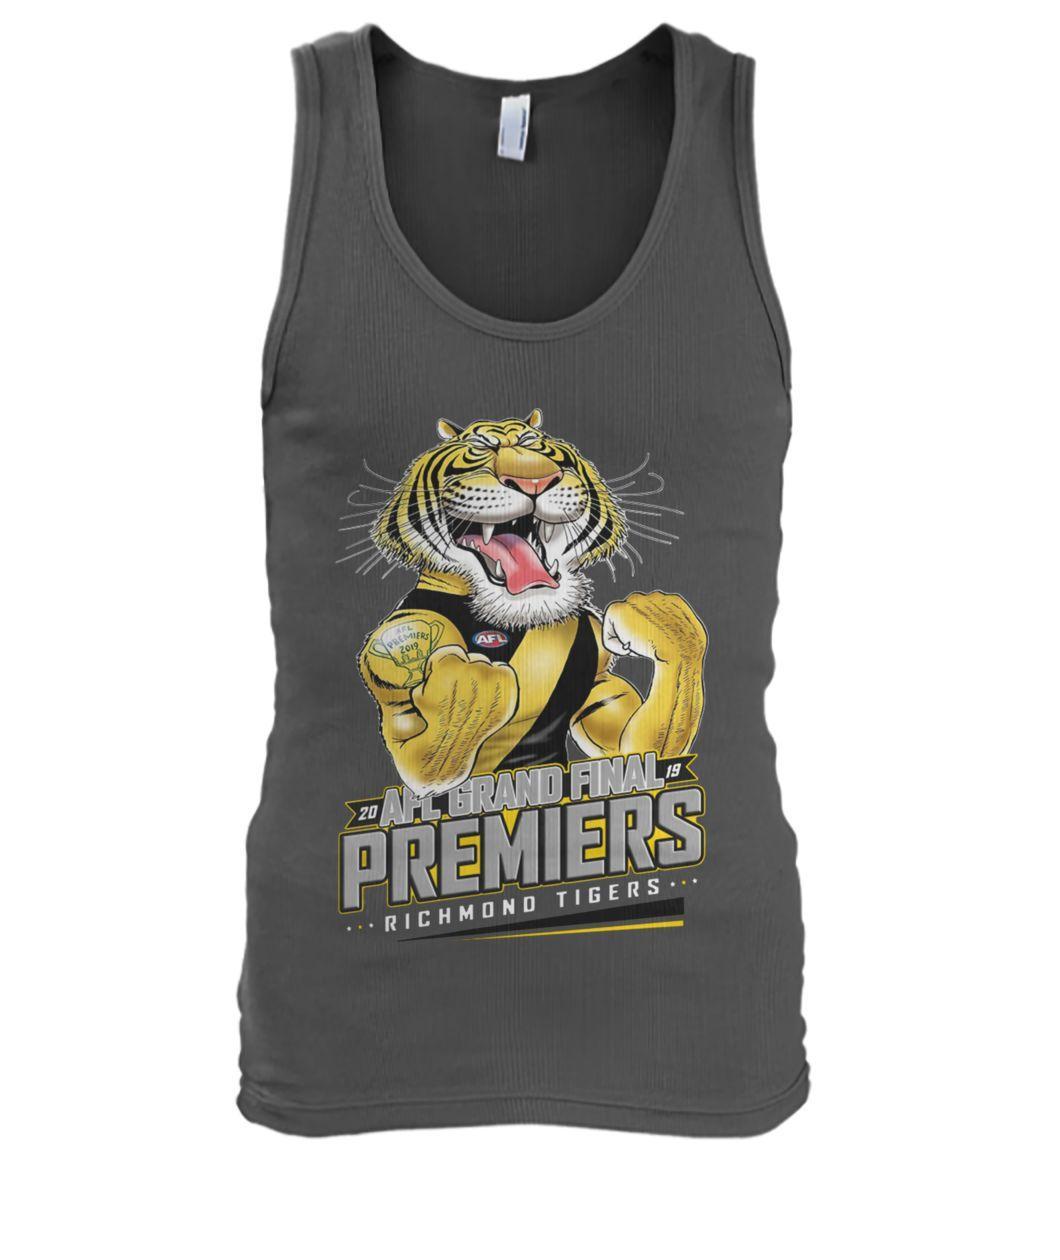 20 AFL grand final premiers richmond tigers tank top